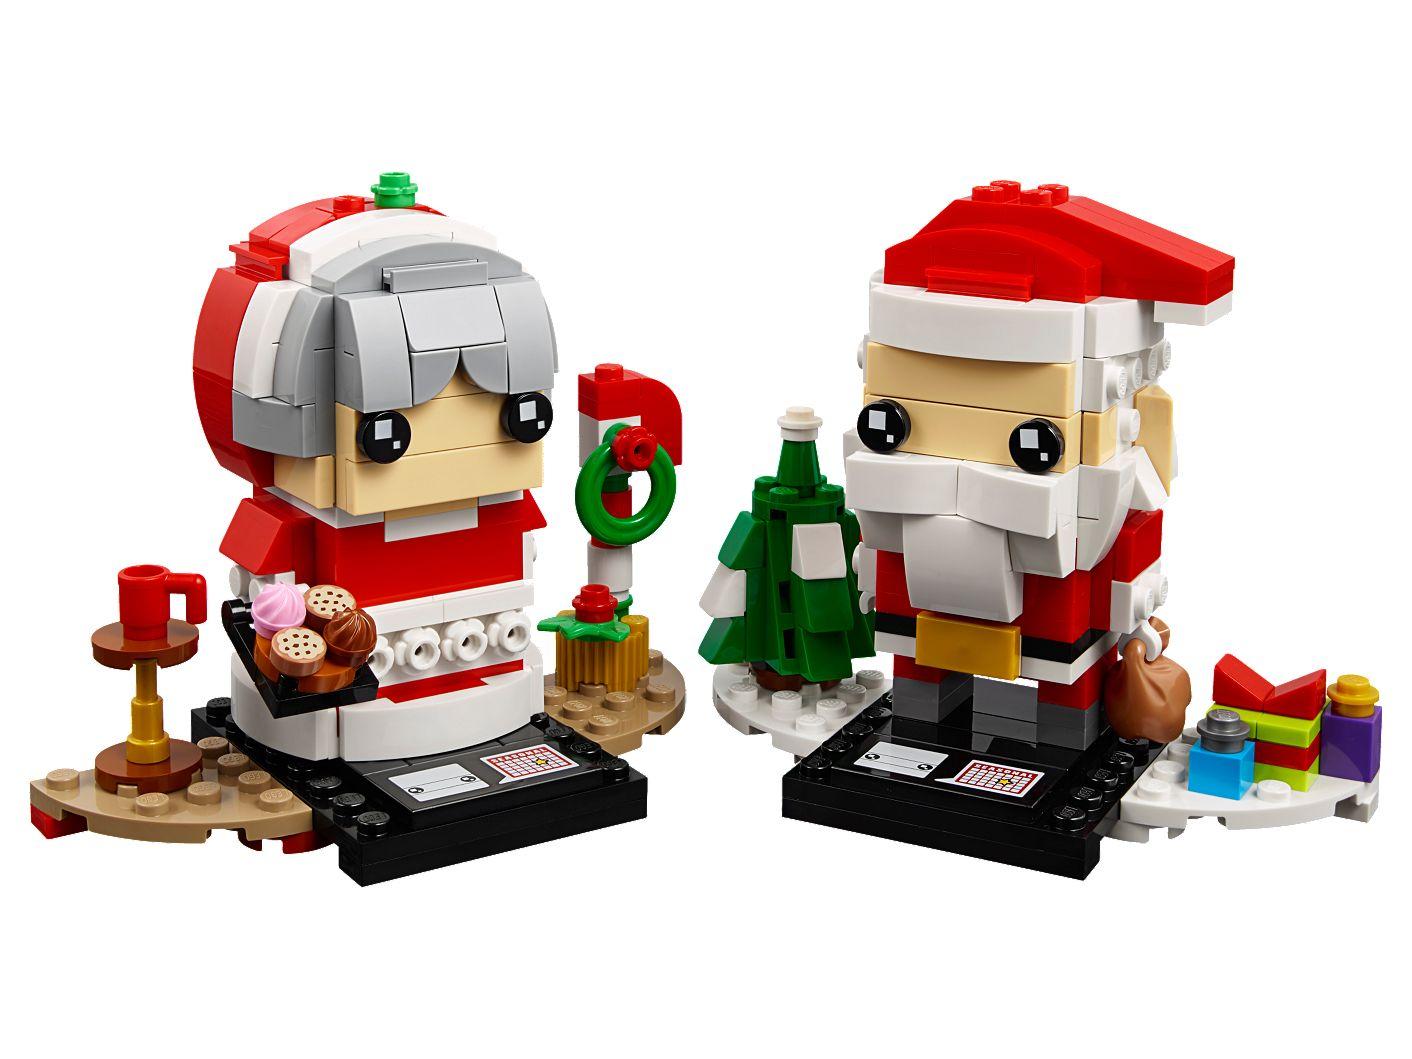 LEGO Brickheadz Mr Claus & Mrs Claus £8 @ Asda